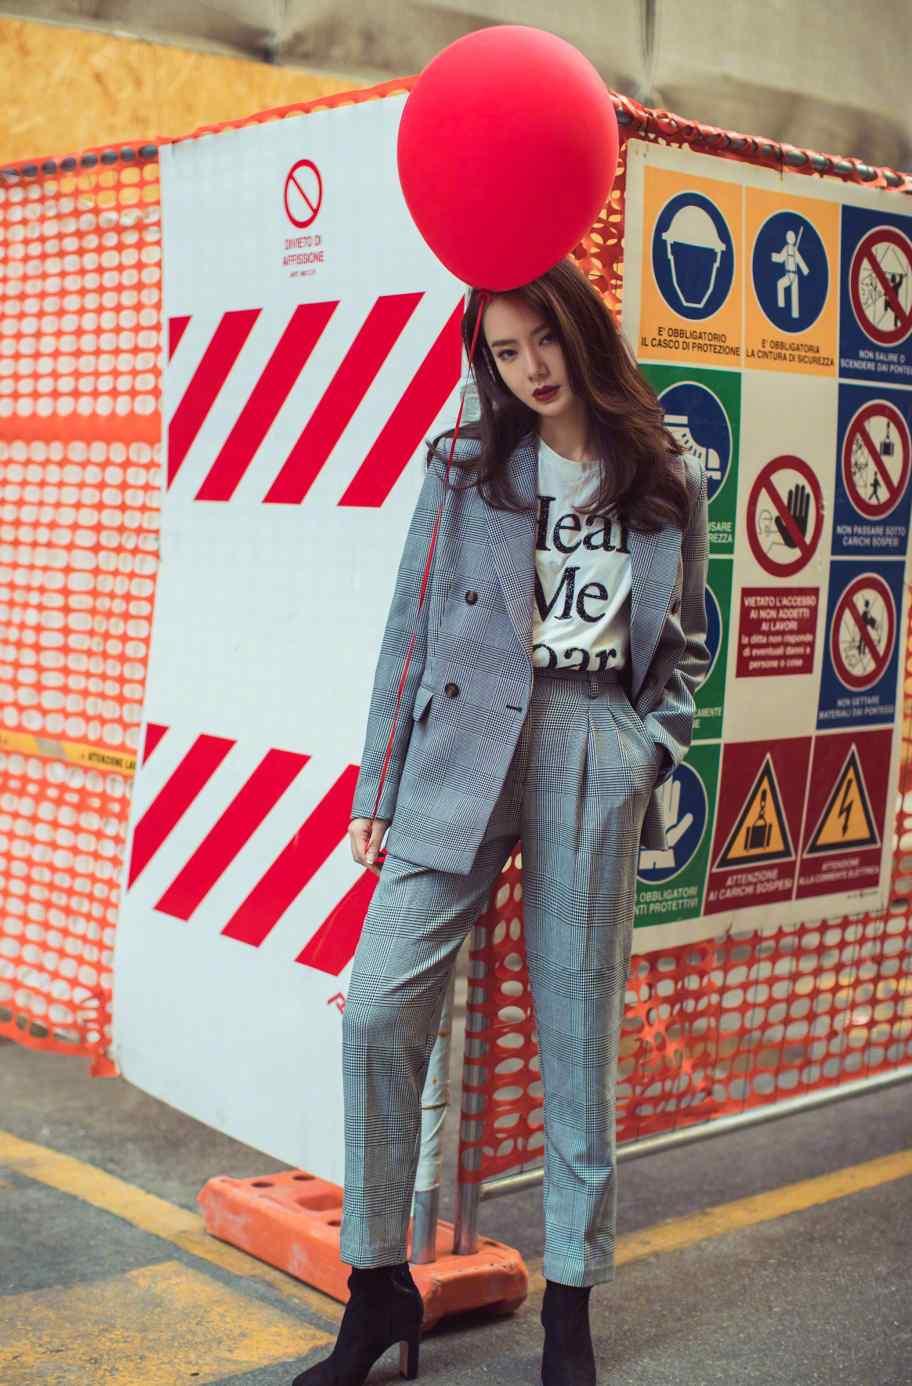 戚薇时尚帅气街拍写真图片